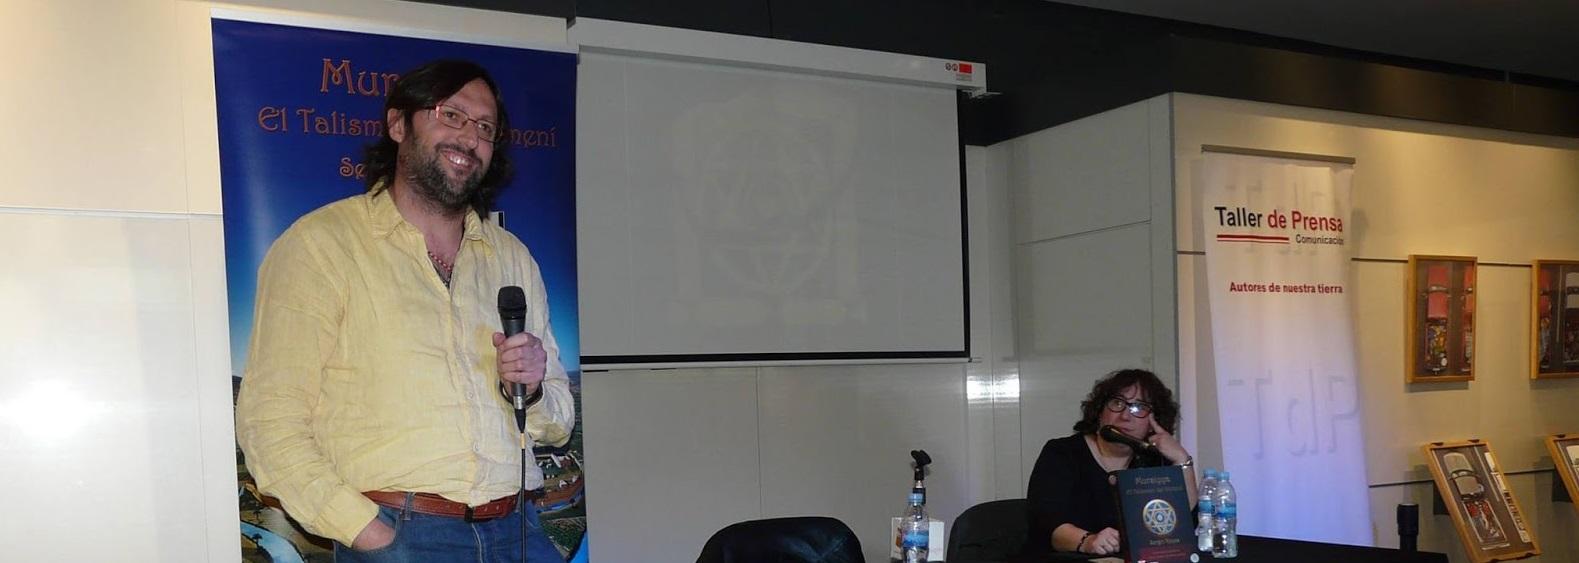 FOTOS: Presentación en FNAC nueva condomina